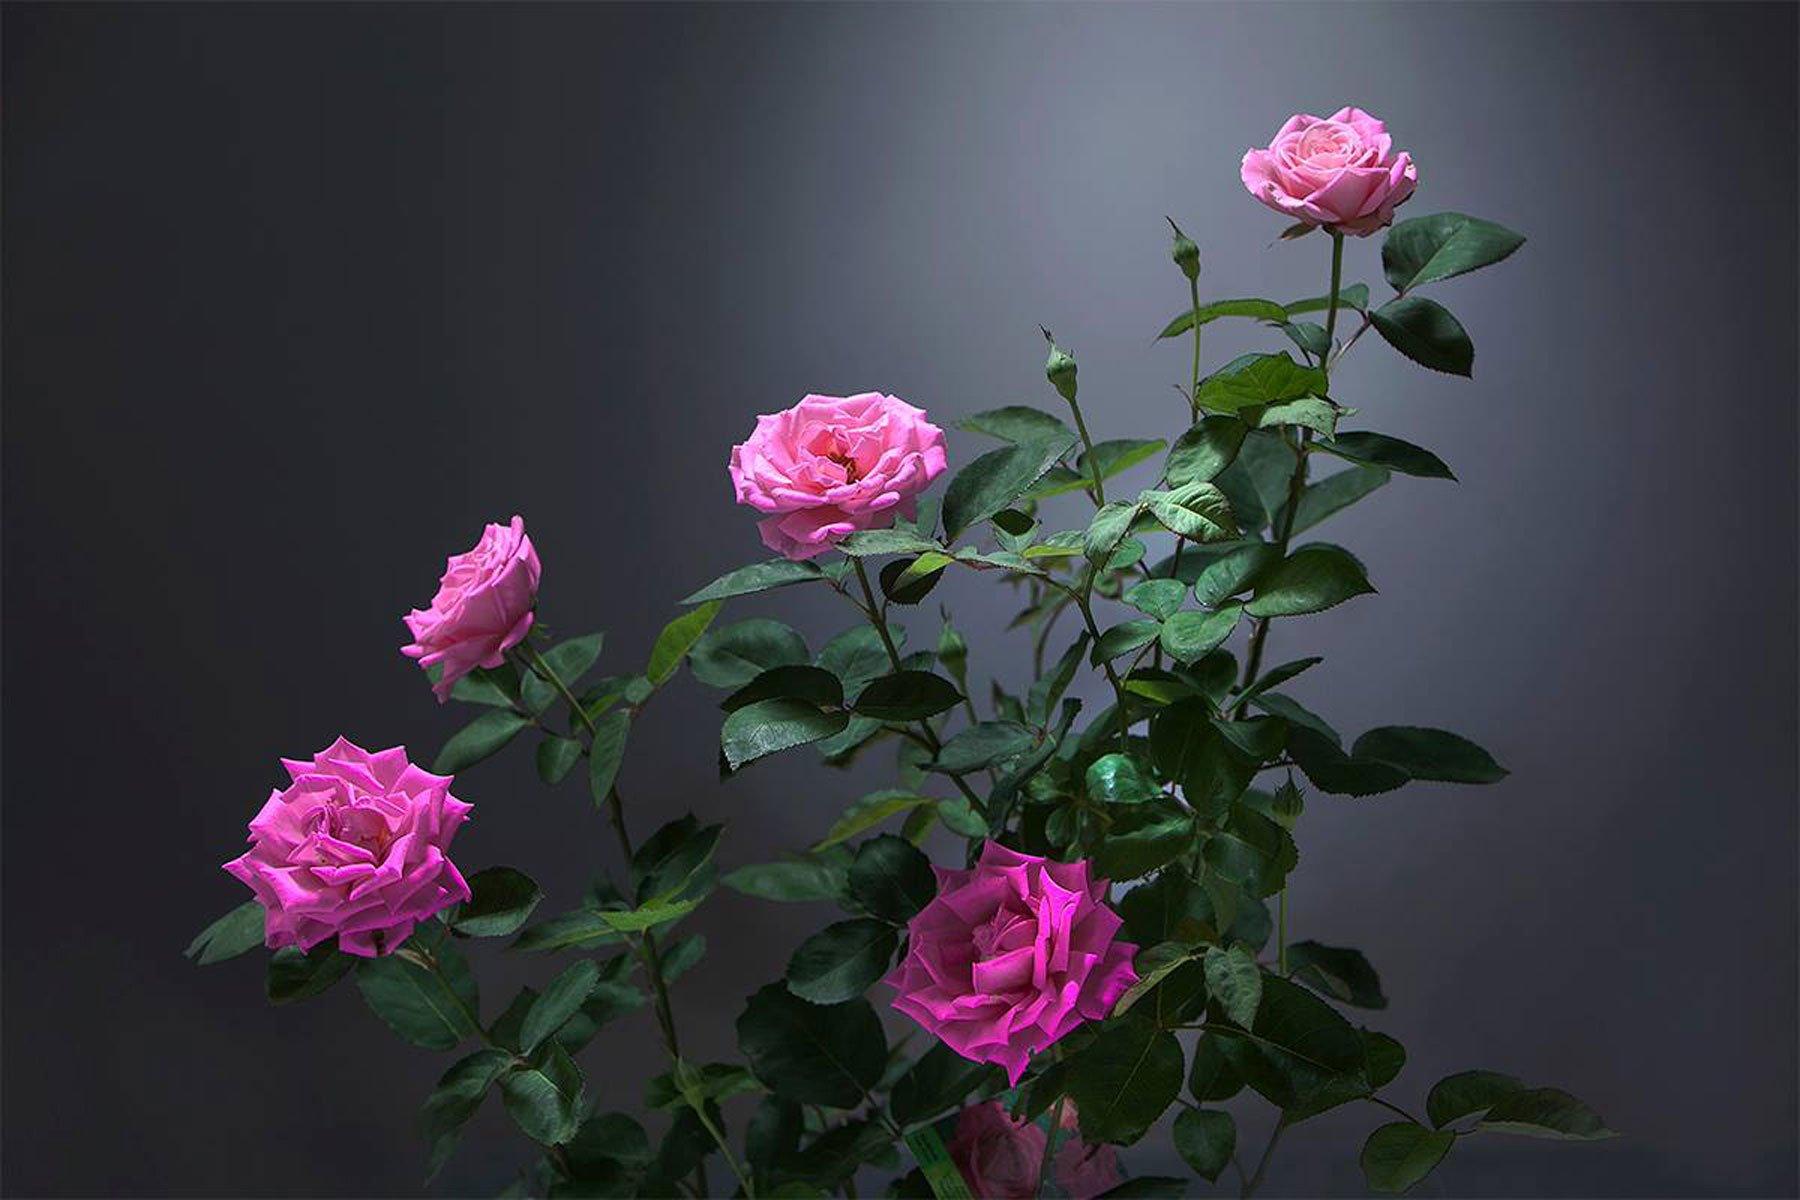 dei fiori viola